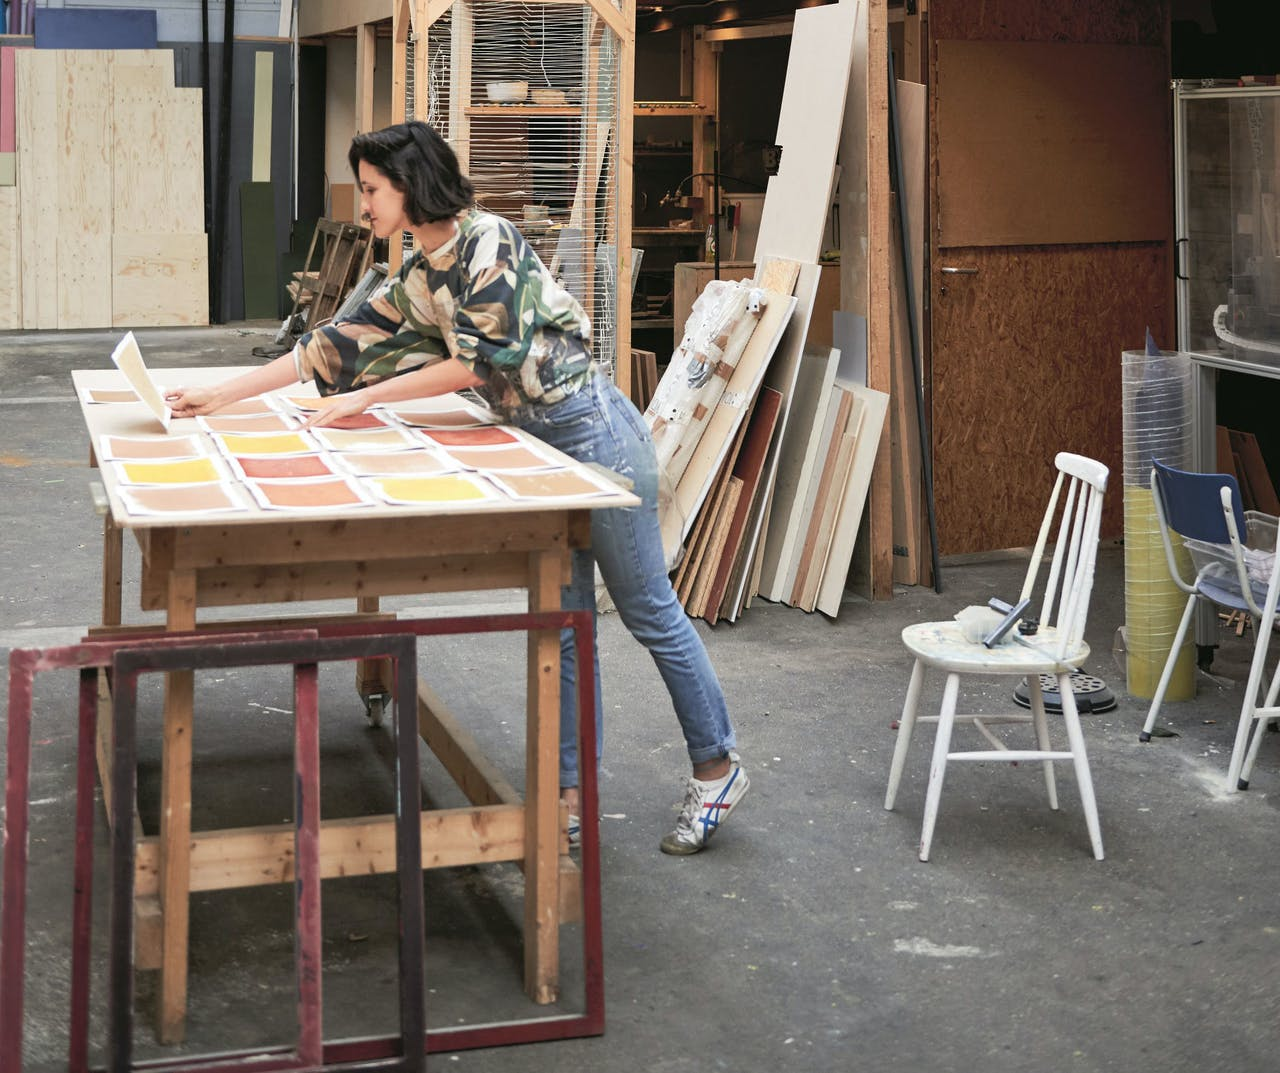 Sérgio aan het werk met de Earth Prints, een serie zeefdrukken van aarde verzameld op zeven plekken van de projecties van sterrengroep de Grote Beer.